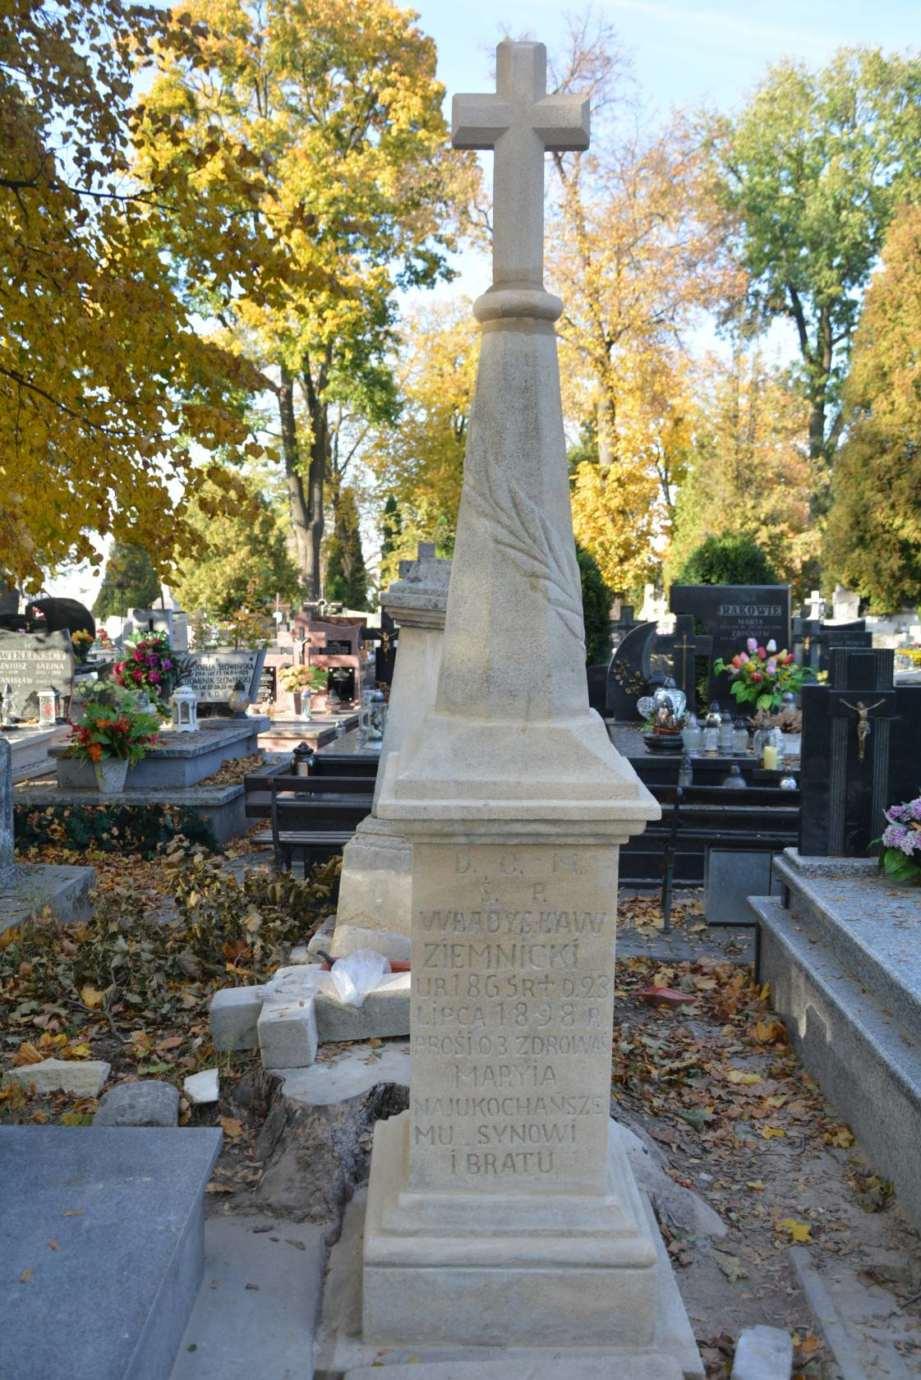 wladyslaw ziemnicki 3 1 Zamość: Przed nami XIII Kwesta na Cmentarzu Parafialnym przy ul. Peowiaków (zdjęcia)